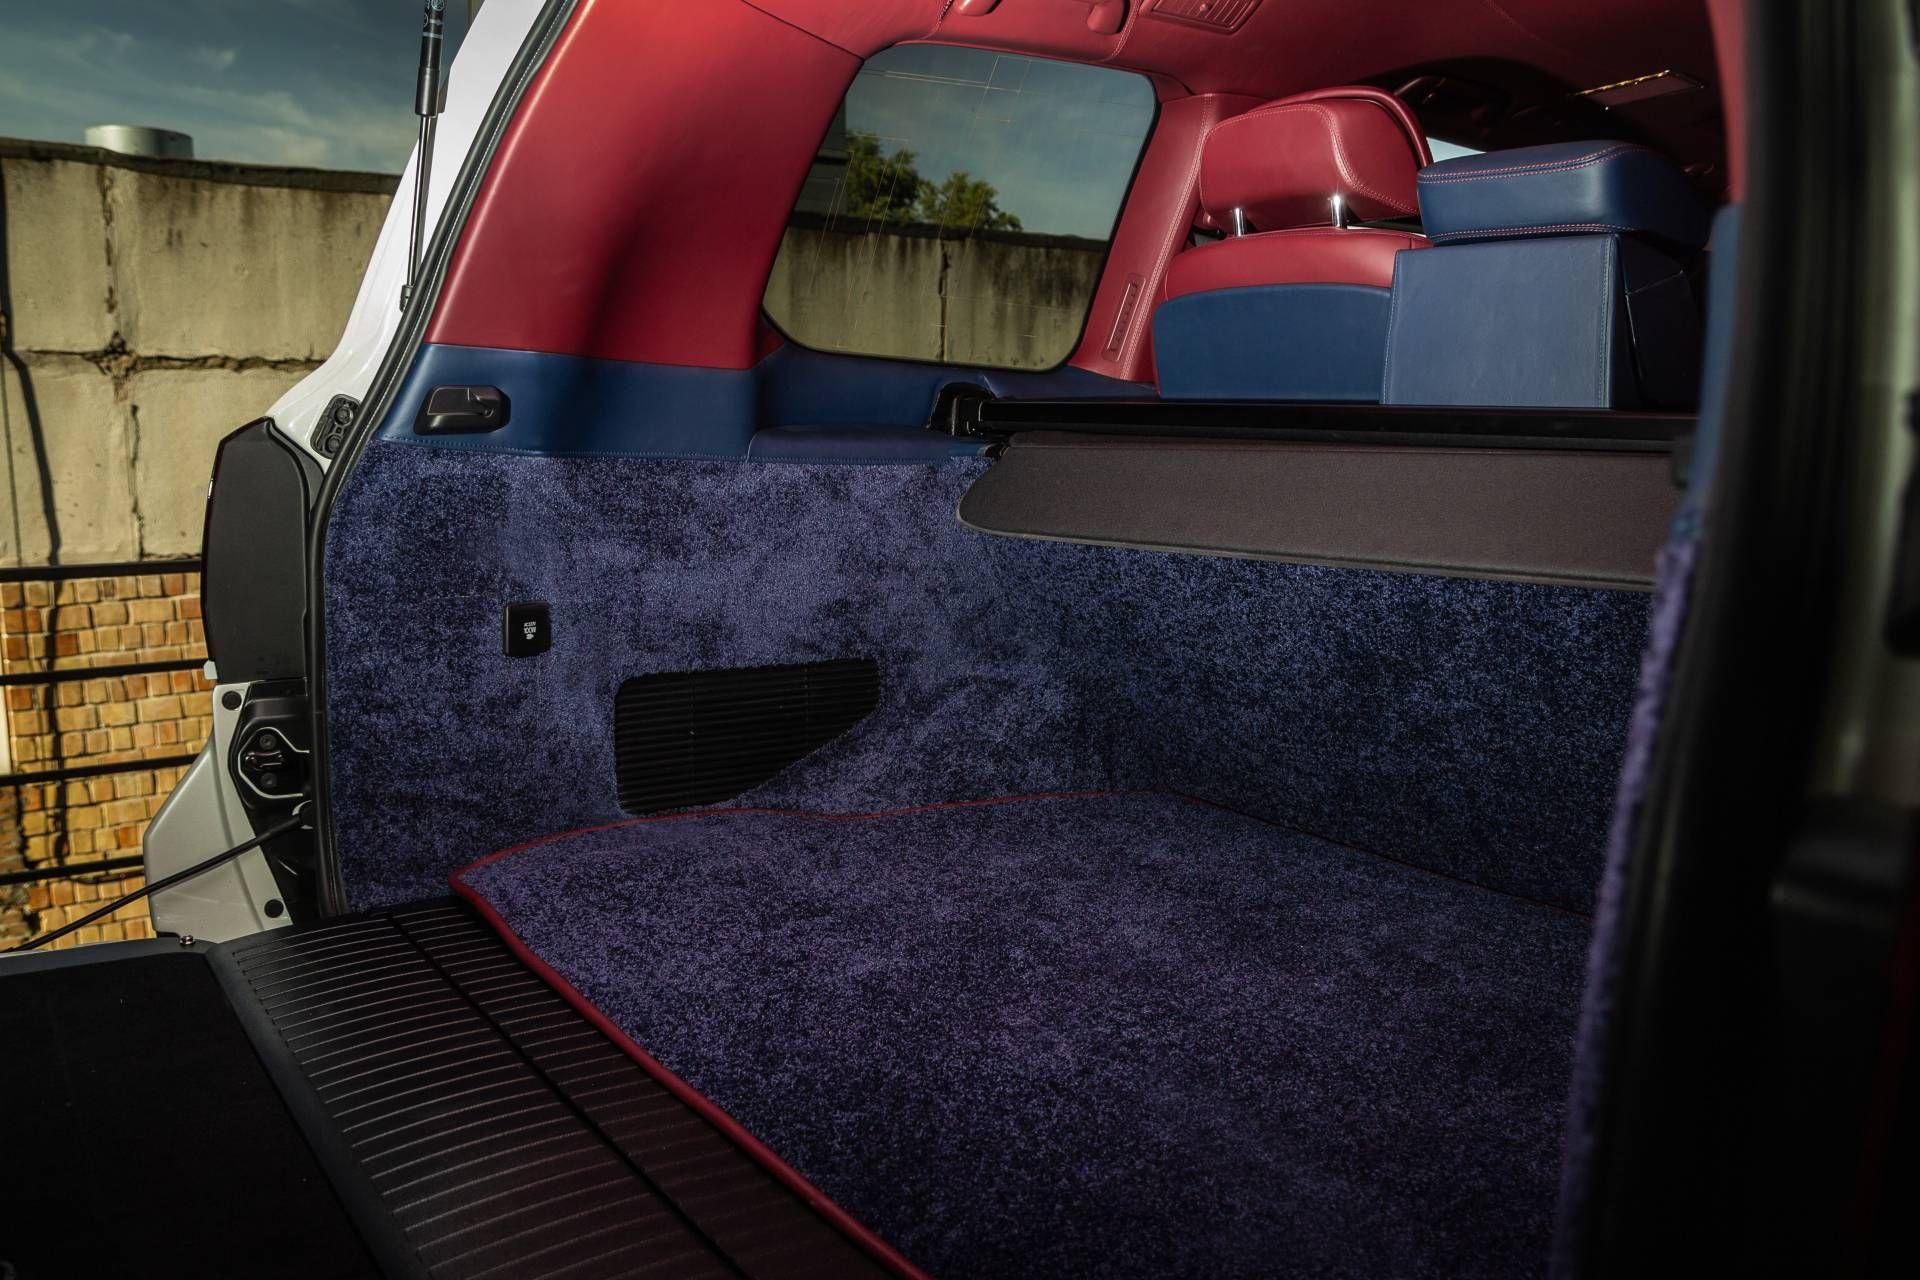 Американців вразив розкішний Toyota Land Cruiser 200 від київського тюнінг-ательє (фото, відео)